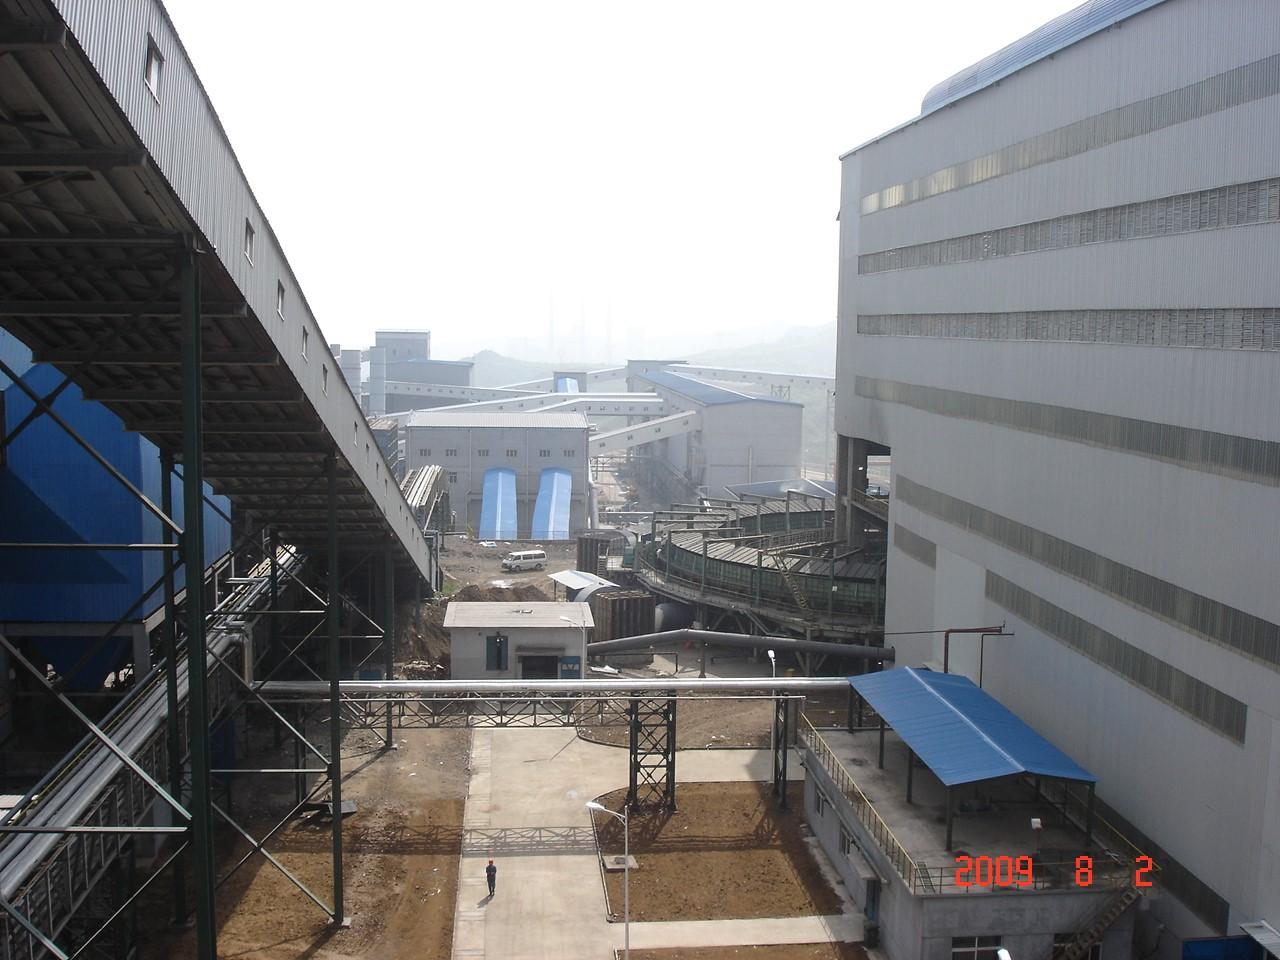 承德鋼鐵公司360㎡燒結工程-圖1